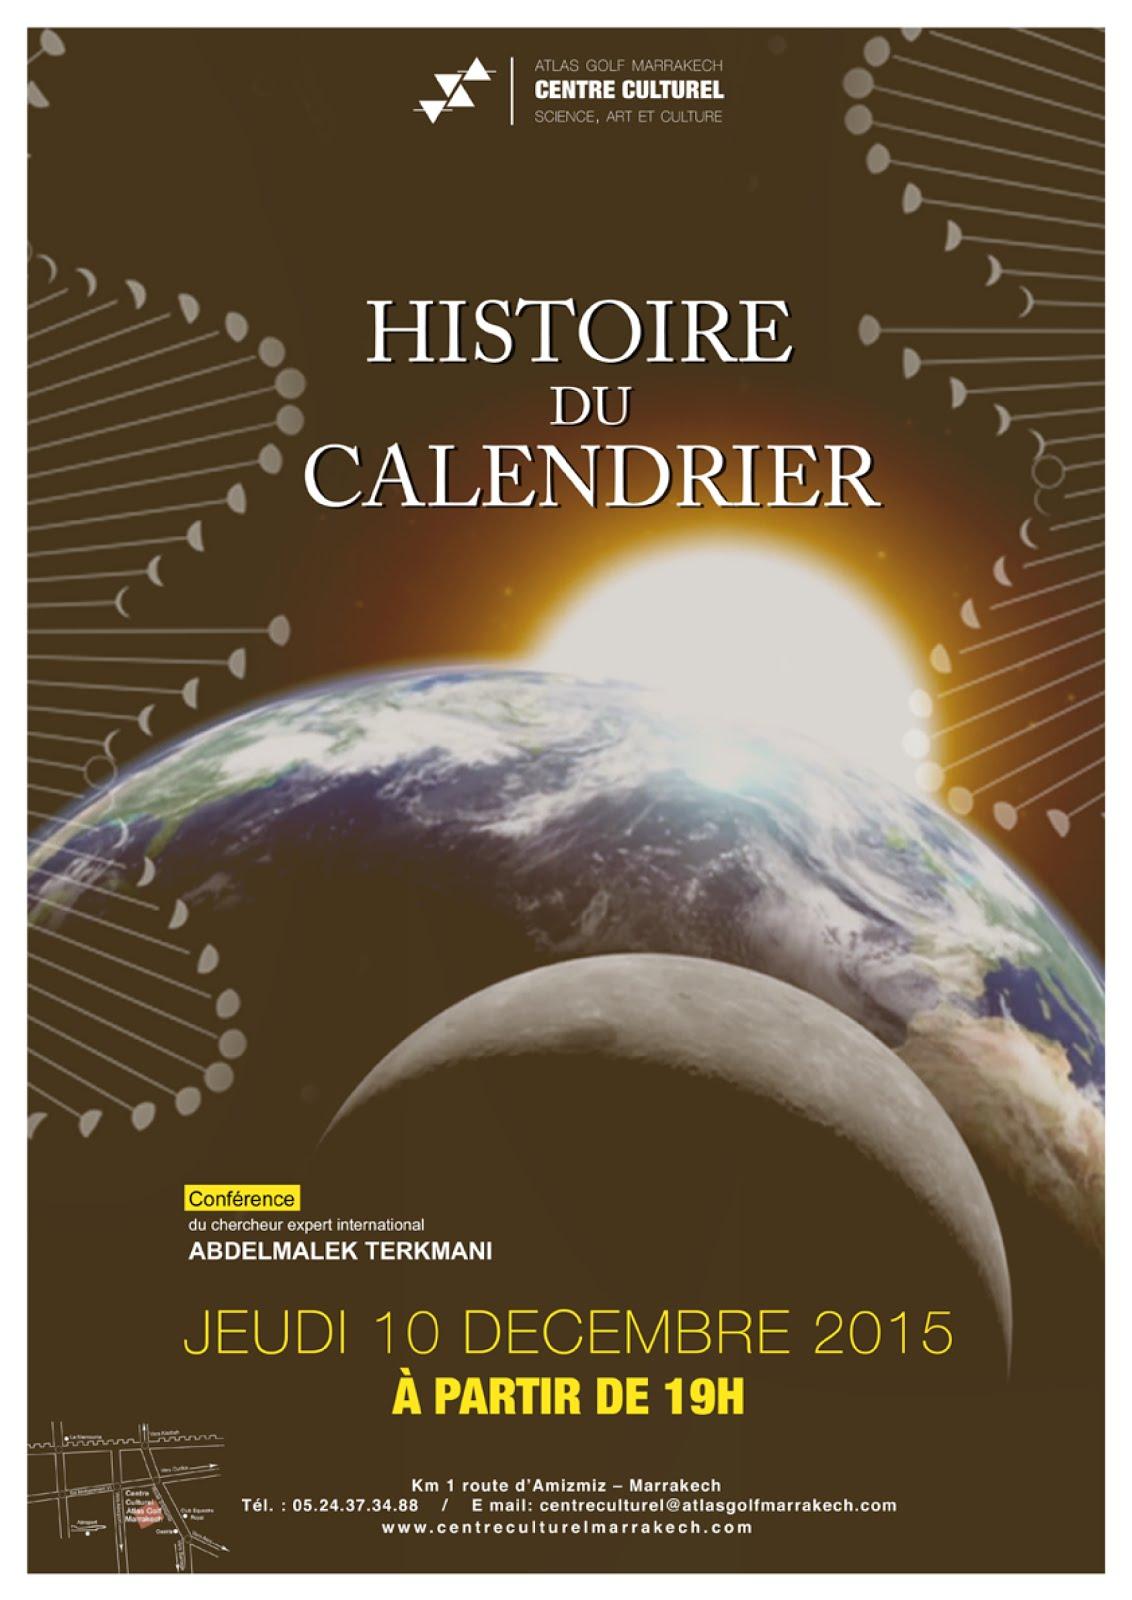 astronomie marrakech histoire du calendrier. Black Bedroom Furniture Sets. Home Design Ideas